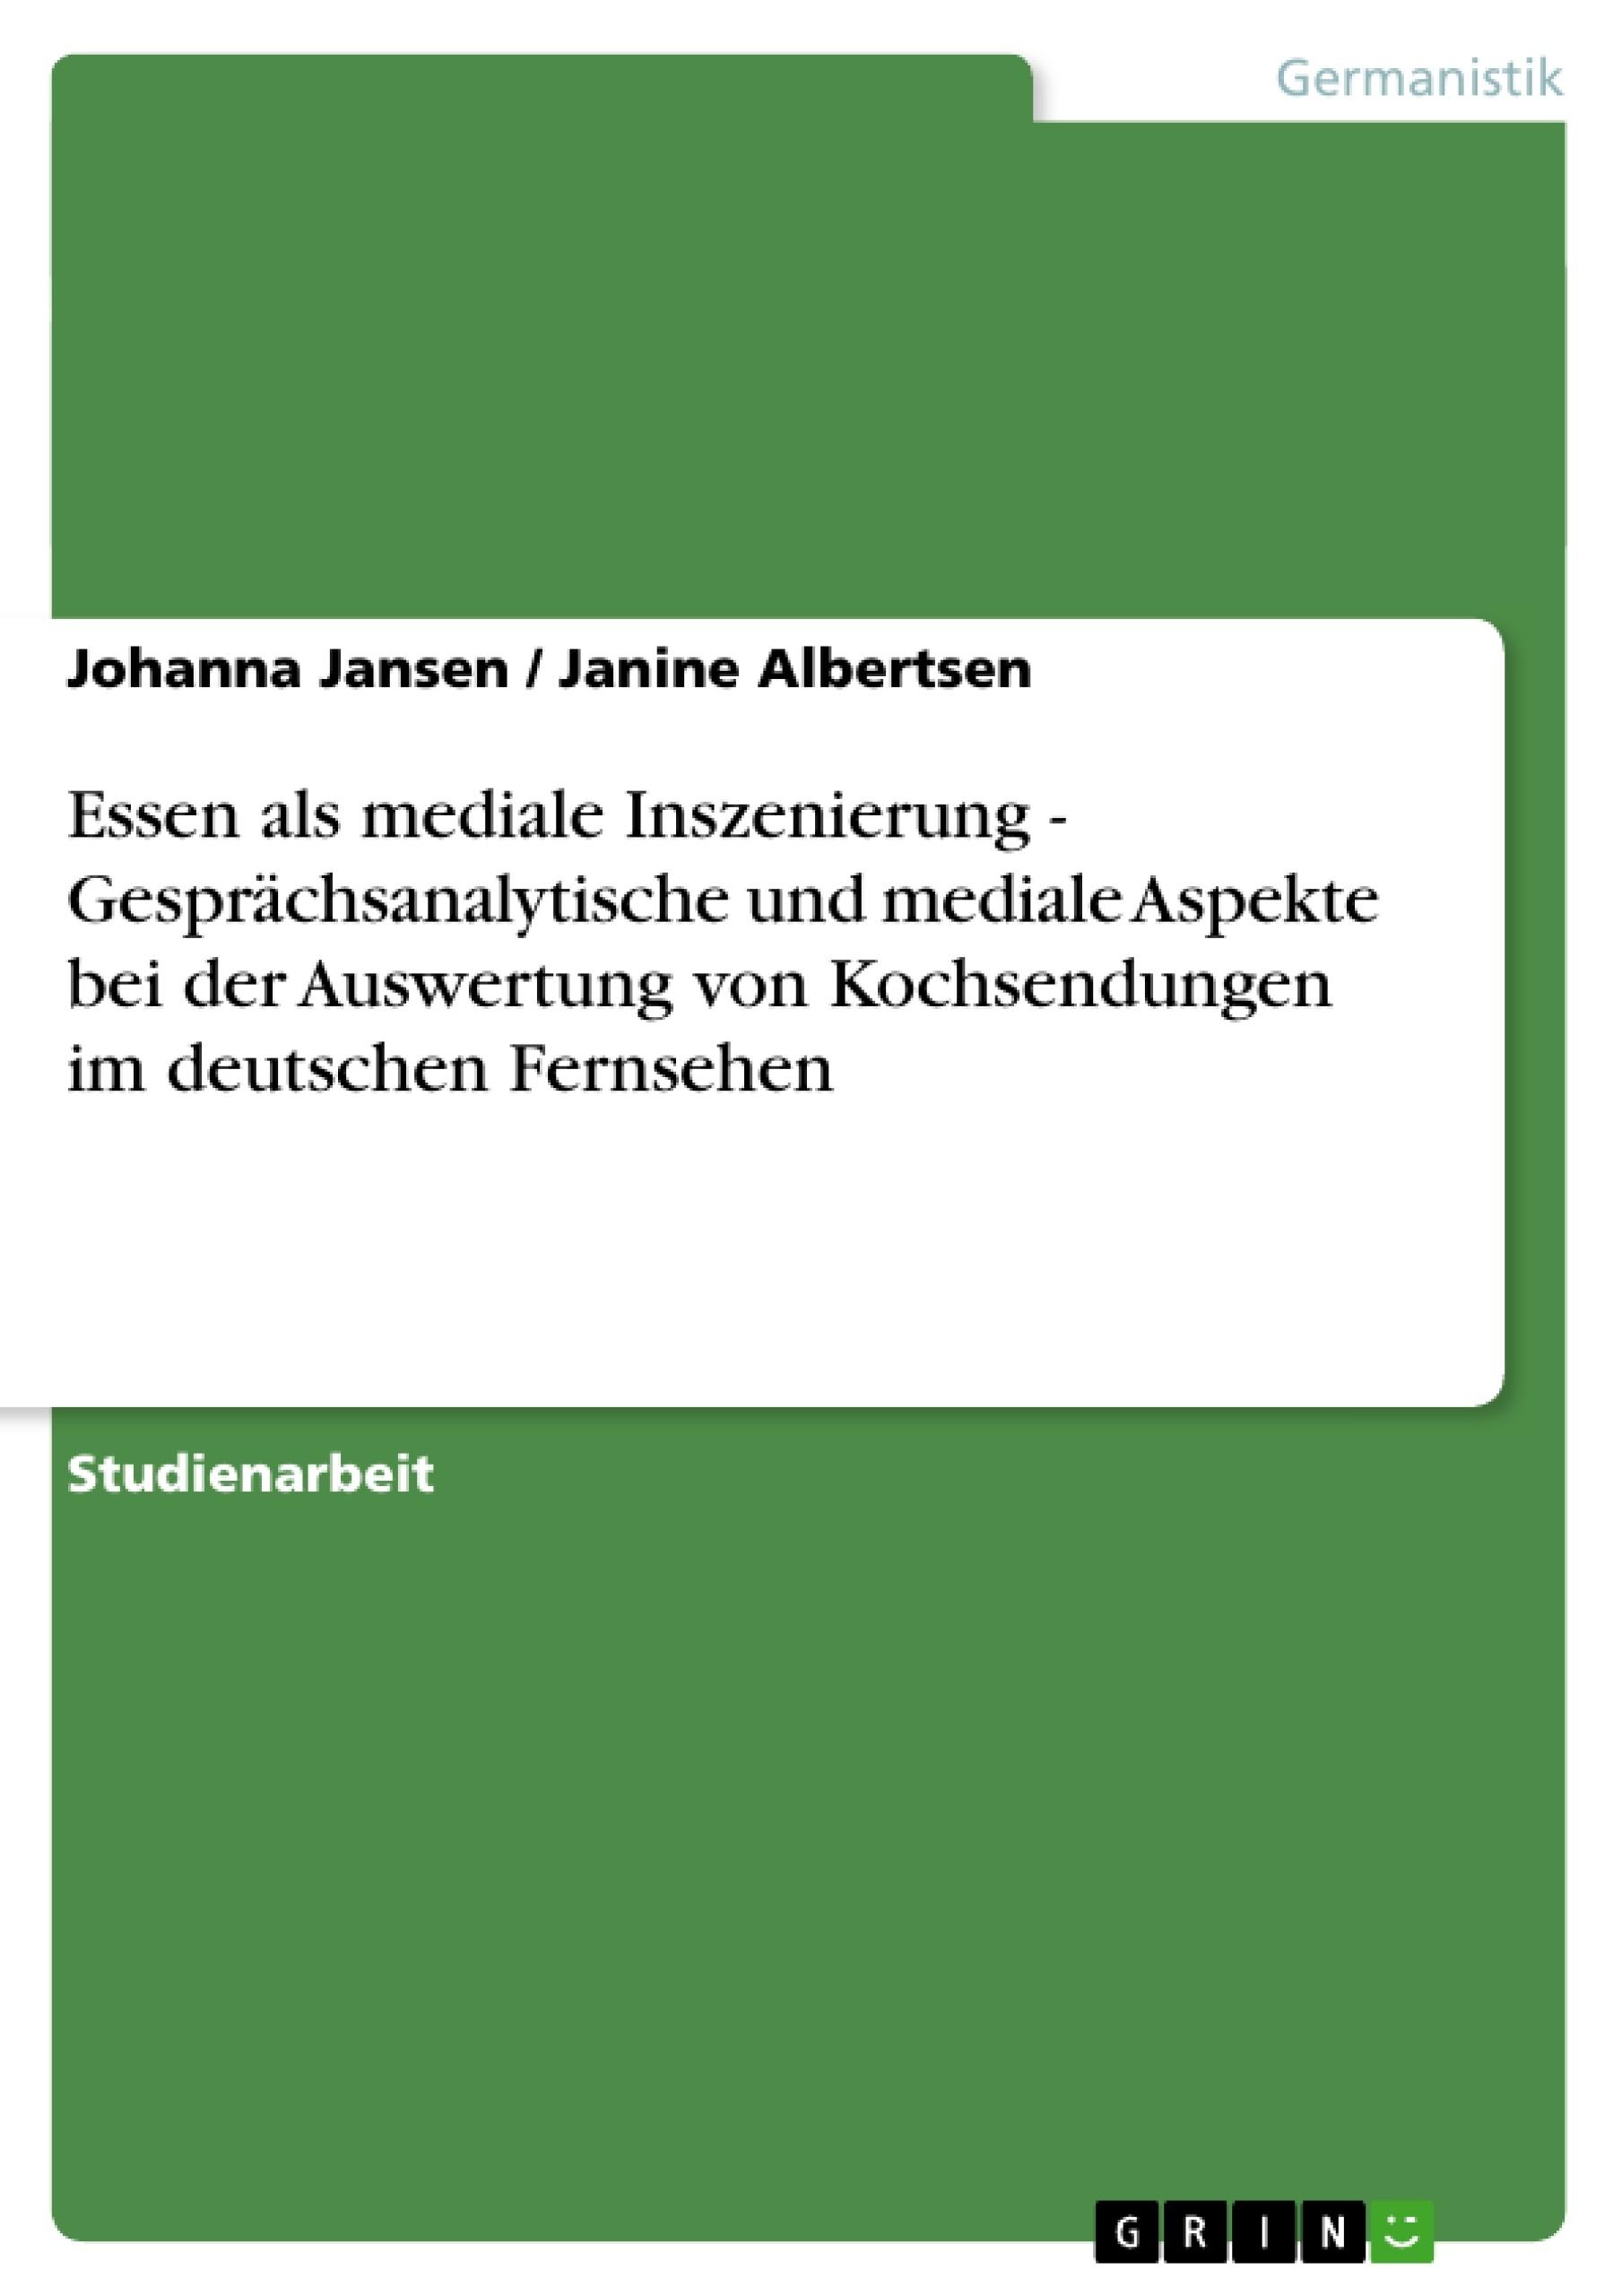 Titel: Essen als mediale Inszenierung - Gesprächsanalytische und mediale Aspekte bei der Auswertung von Kochsendungen im deutschen Fernsehen